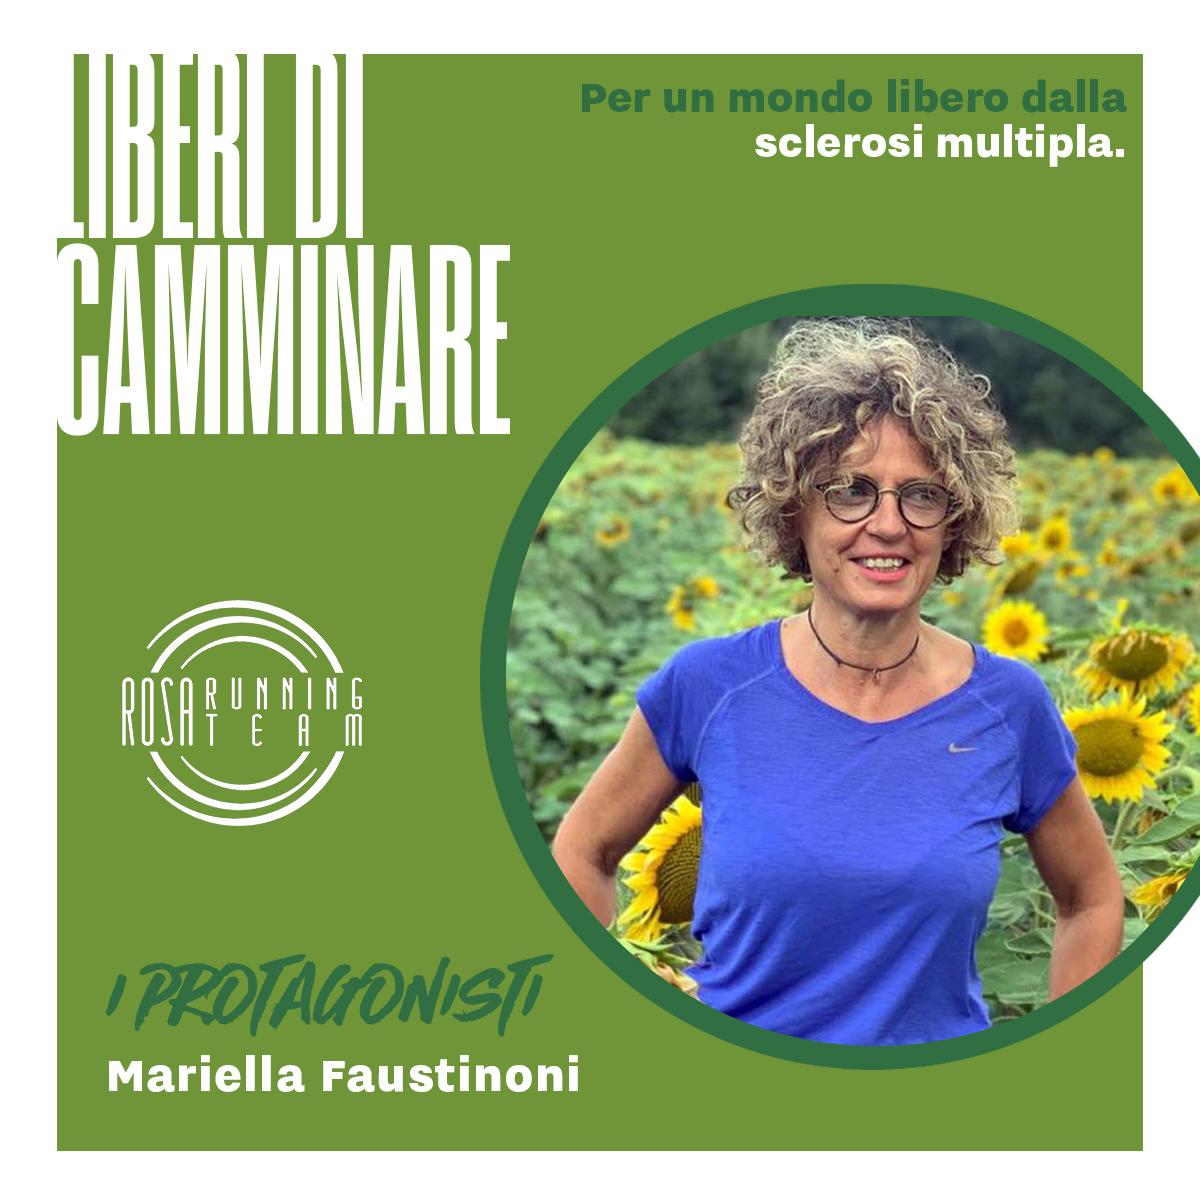 21L 2020 - Liberi di camminare - Mariella Faustinoni